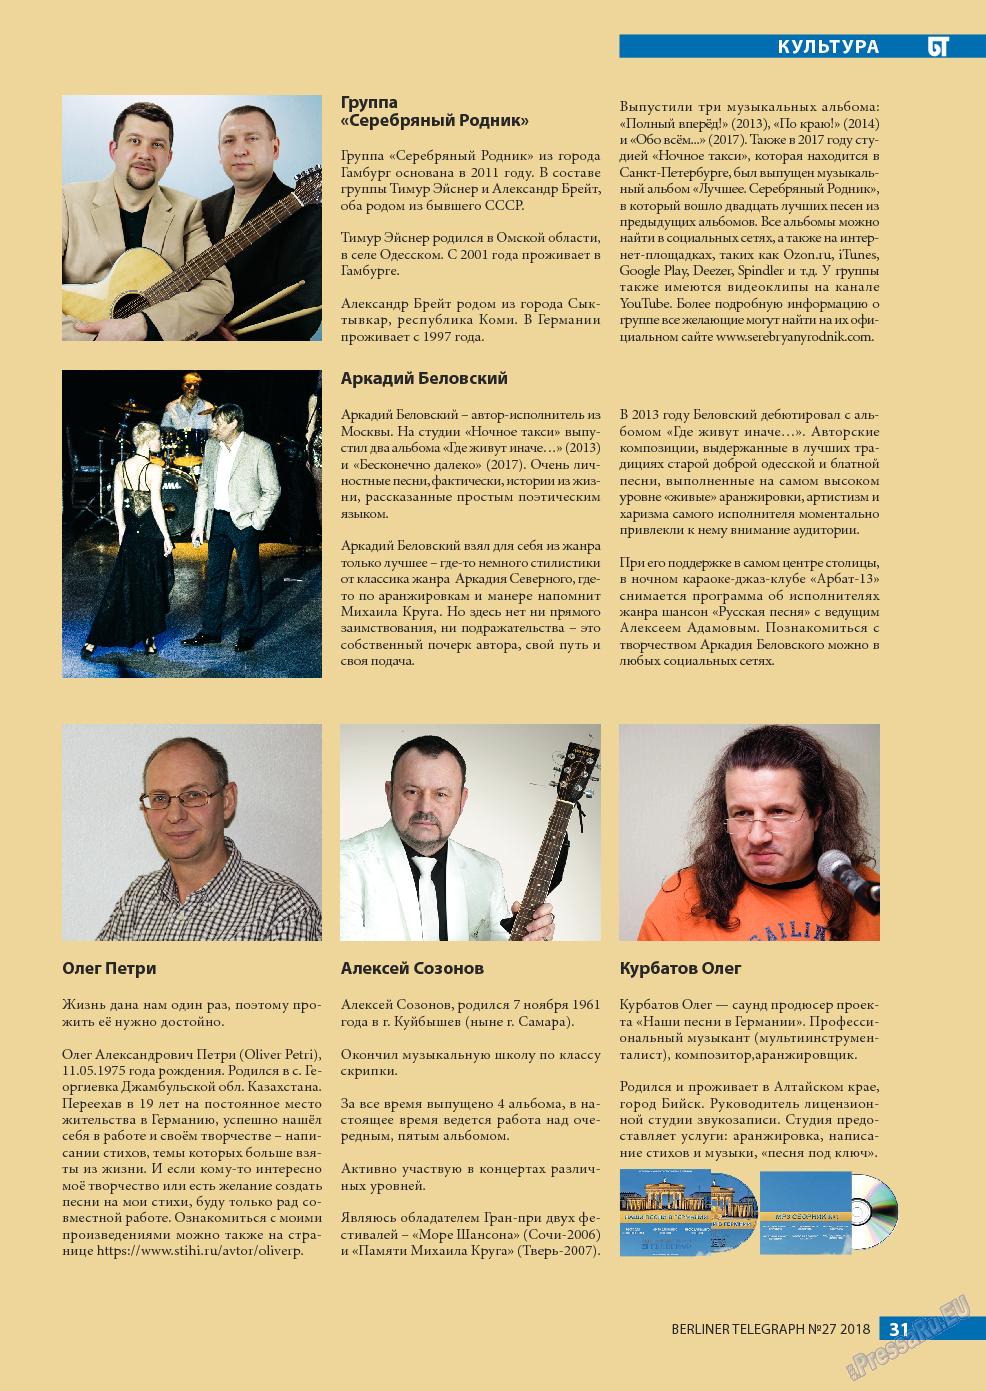 Берлинский телеграф (журнал). 2018 год, номер 27, стр. 31